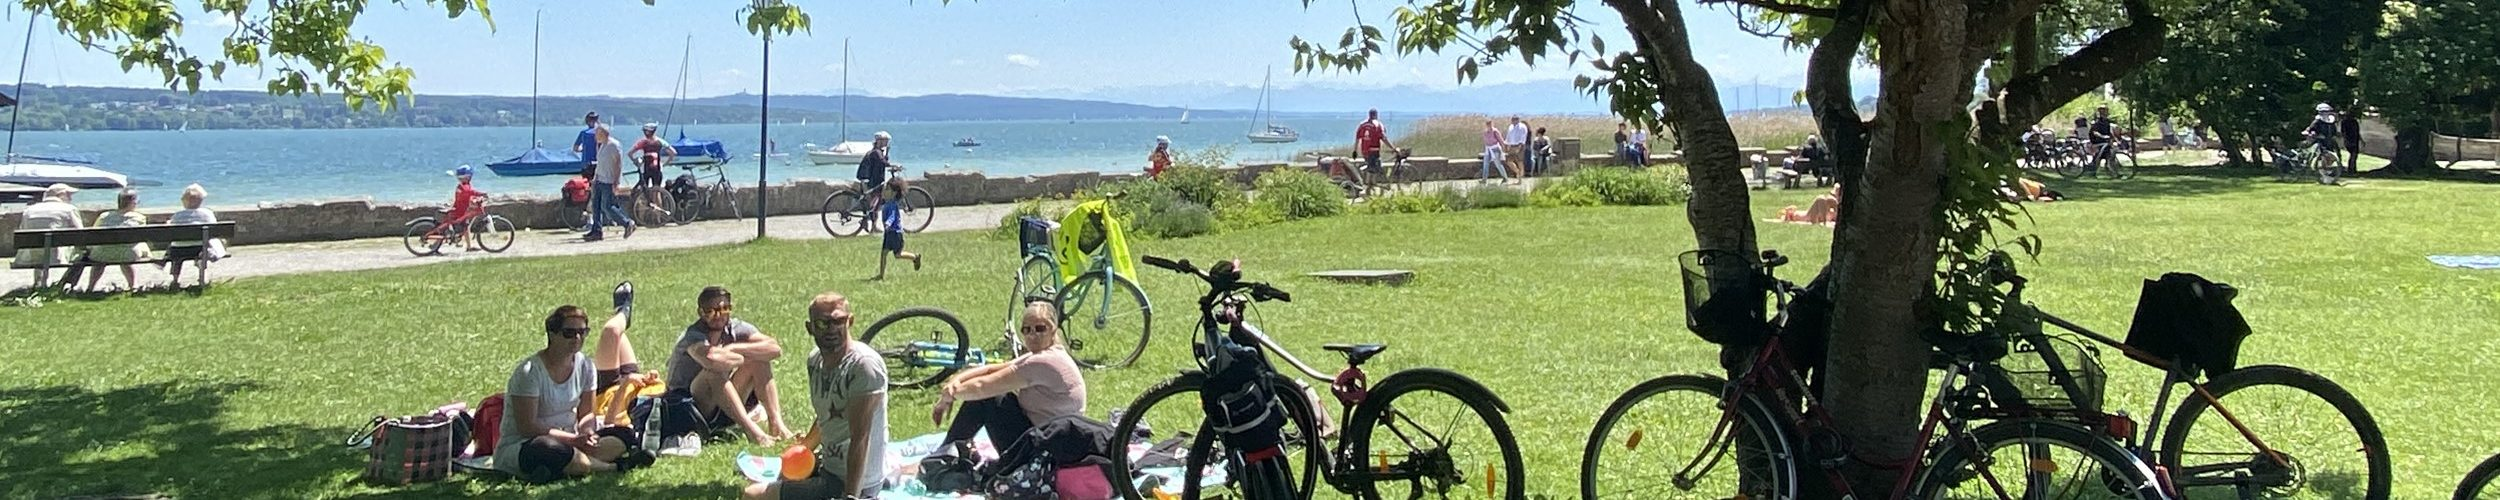 Symbolbild Radtour um den Ammersee: Radfahrer bei einem Picknick in Schondorf am Ammersee